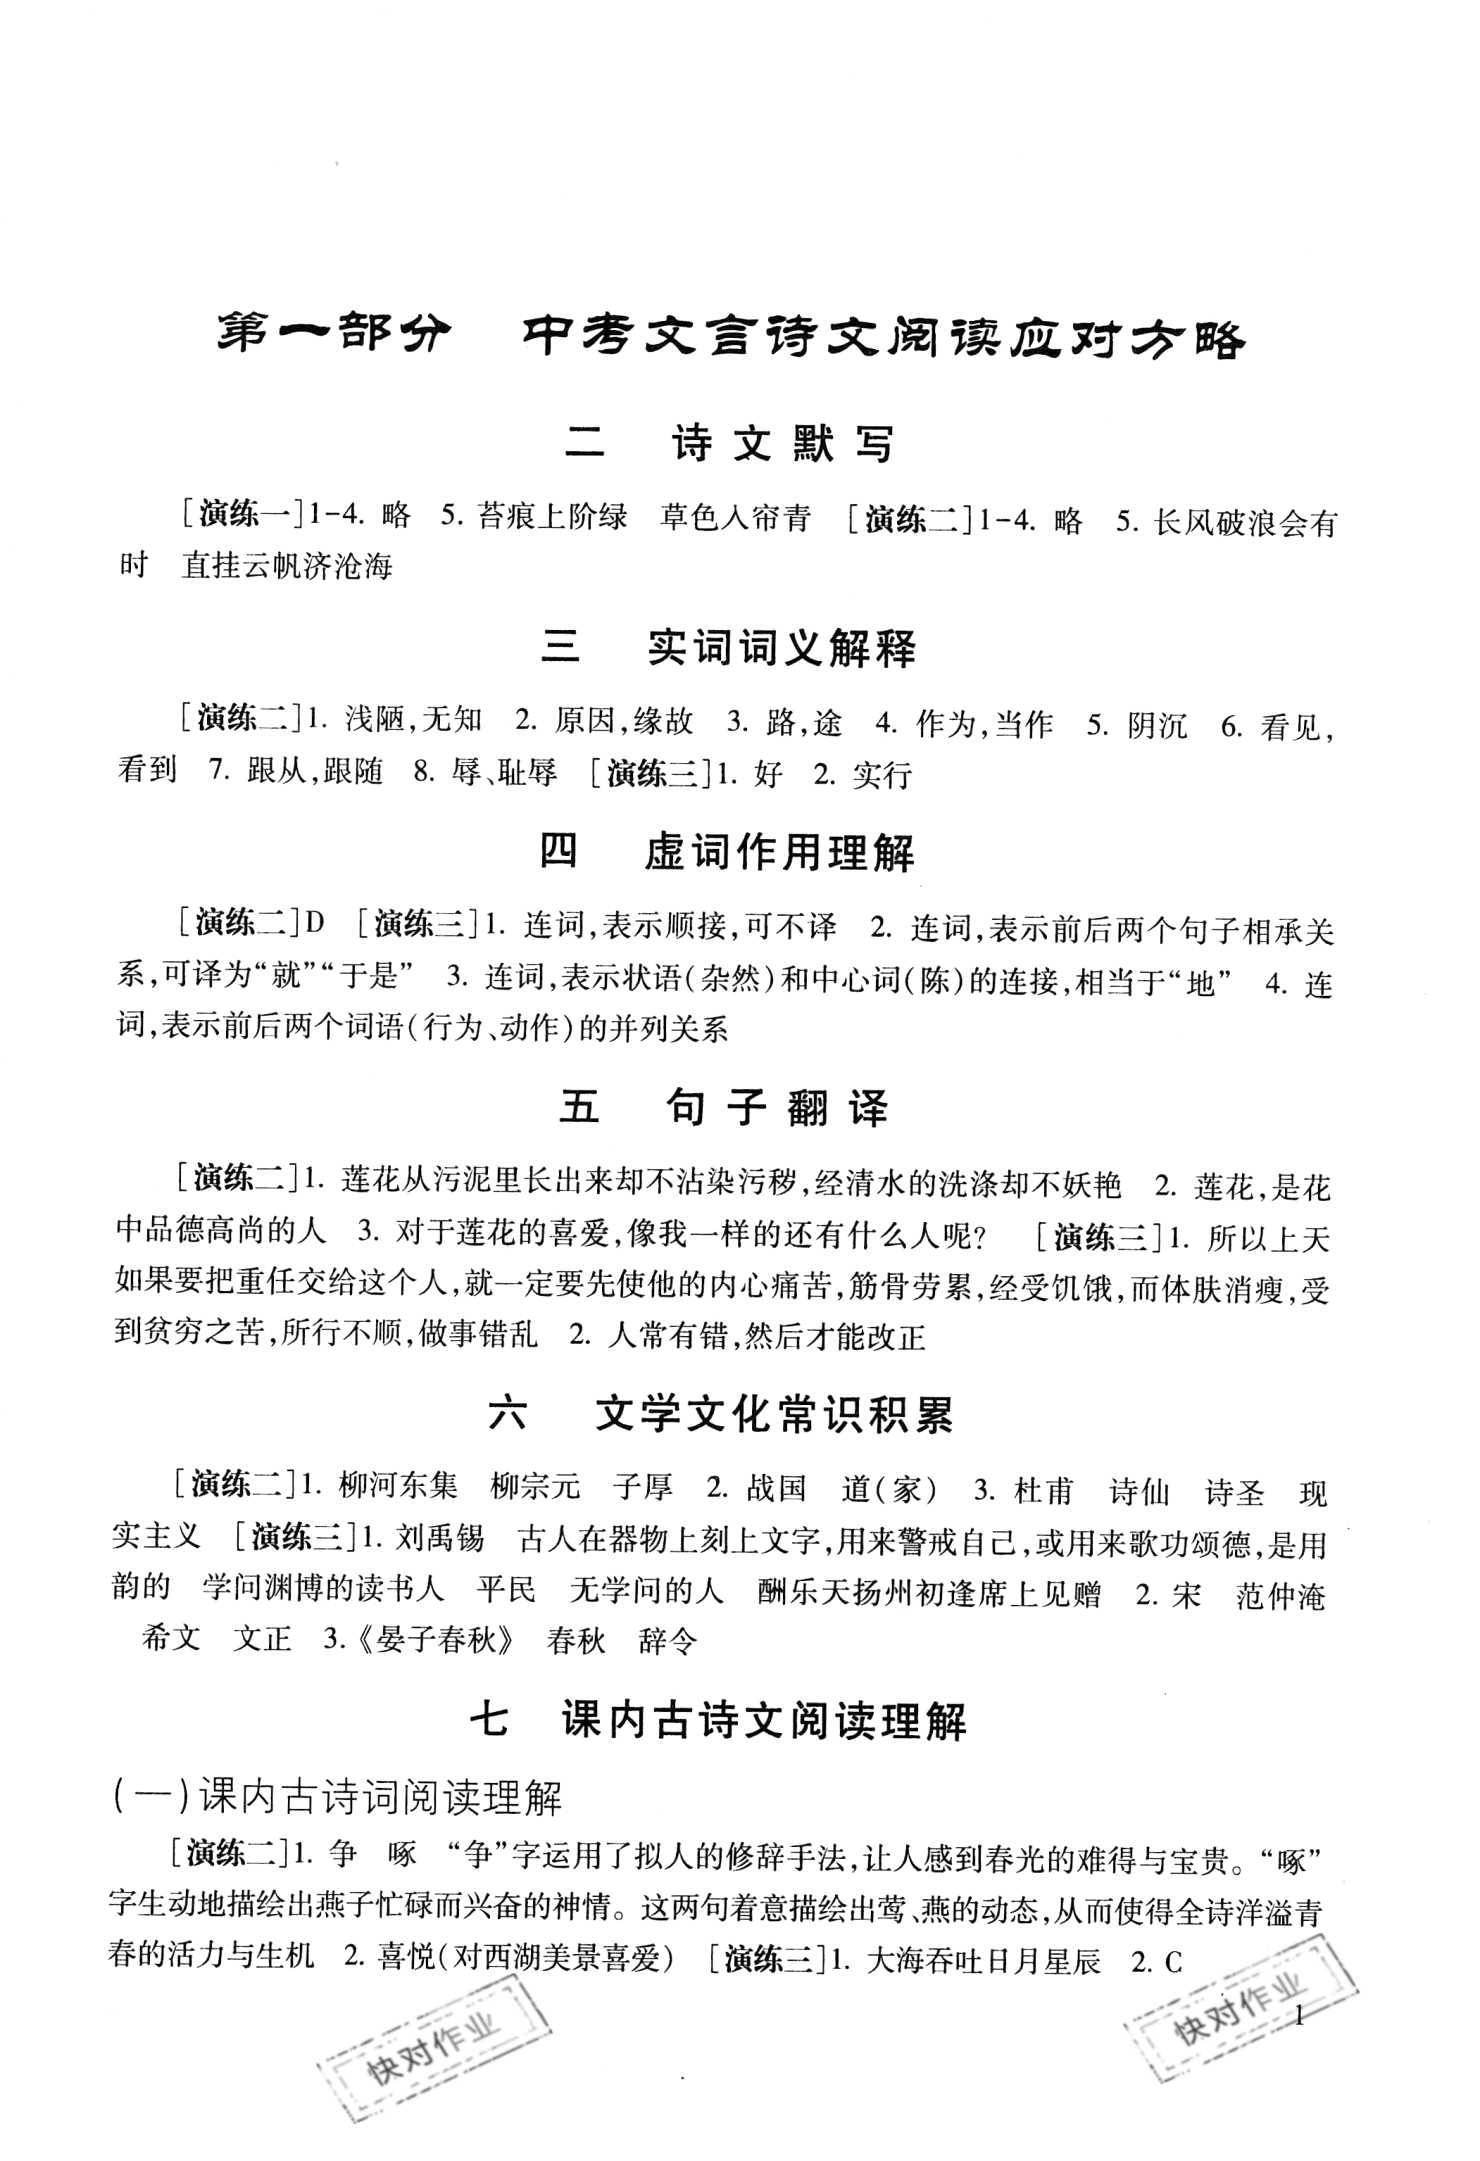 2021年中考文言诗文考试篇目点击初中语文人教版上教版上海专版